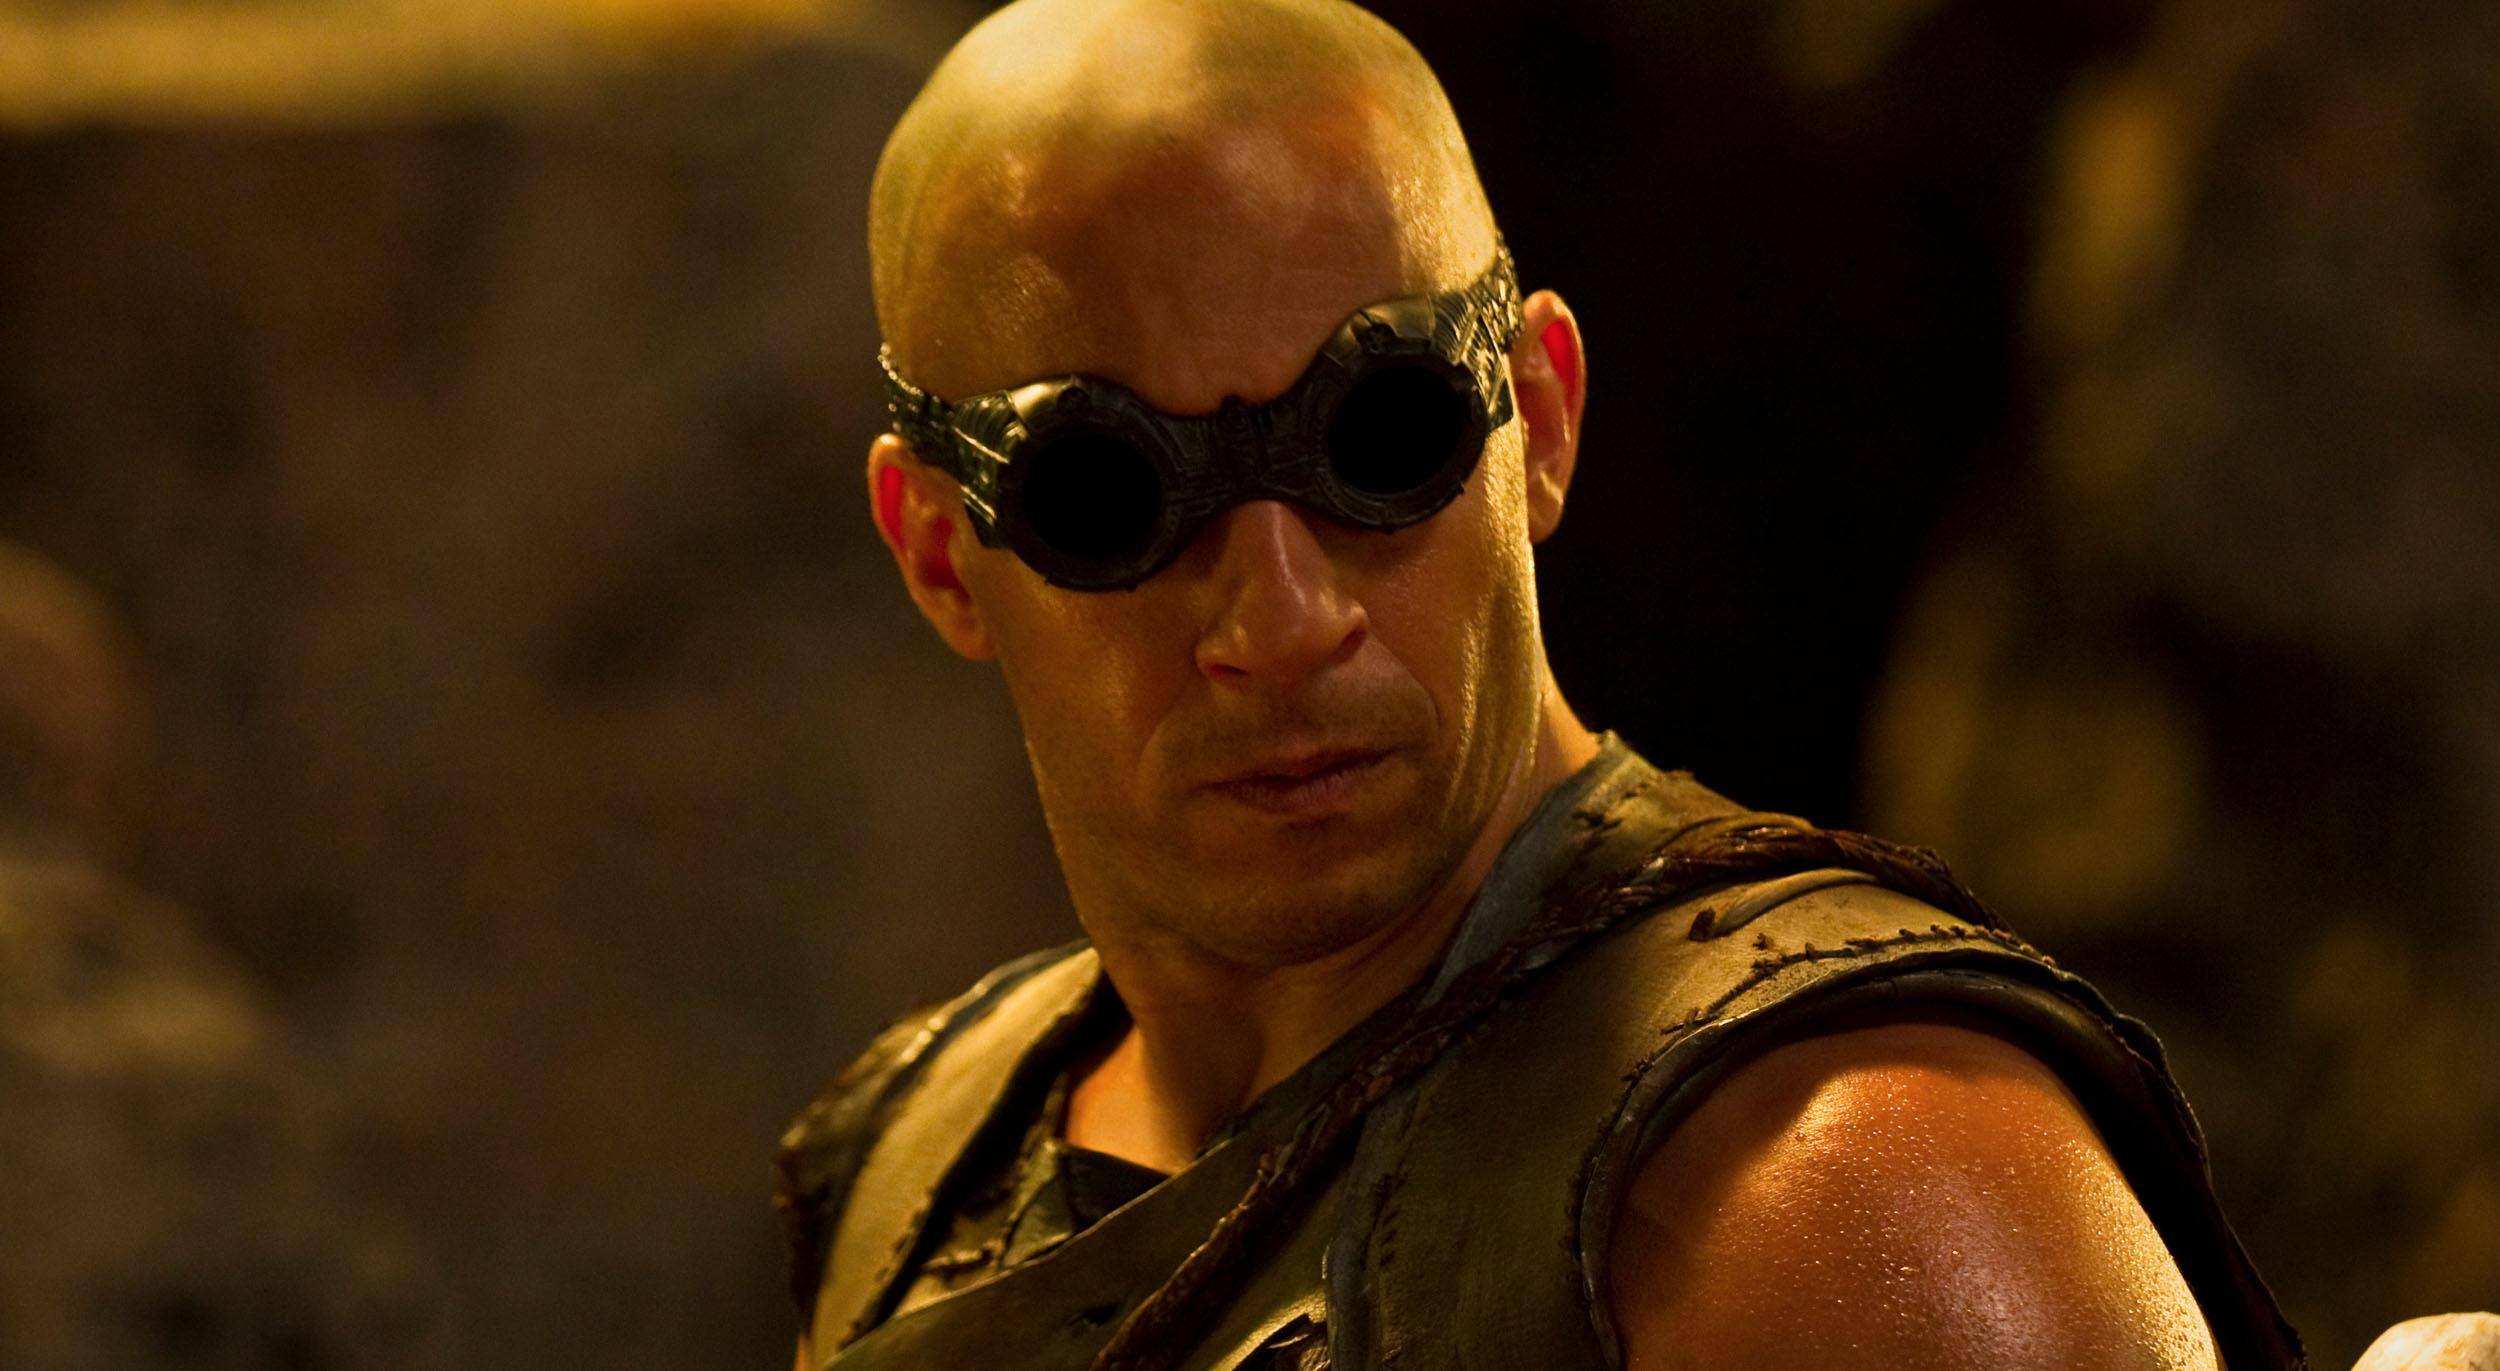 Vin diesel - Vin Diesel Enters First Look Tv Deal With Universal Riddick Series Possible